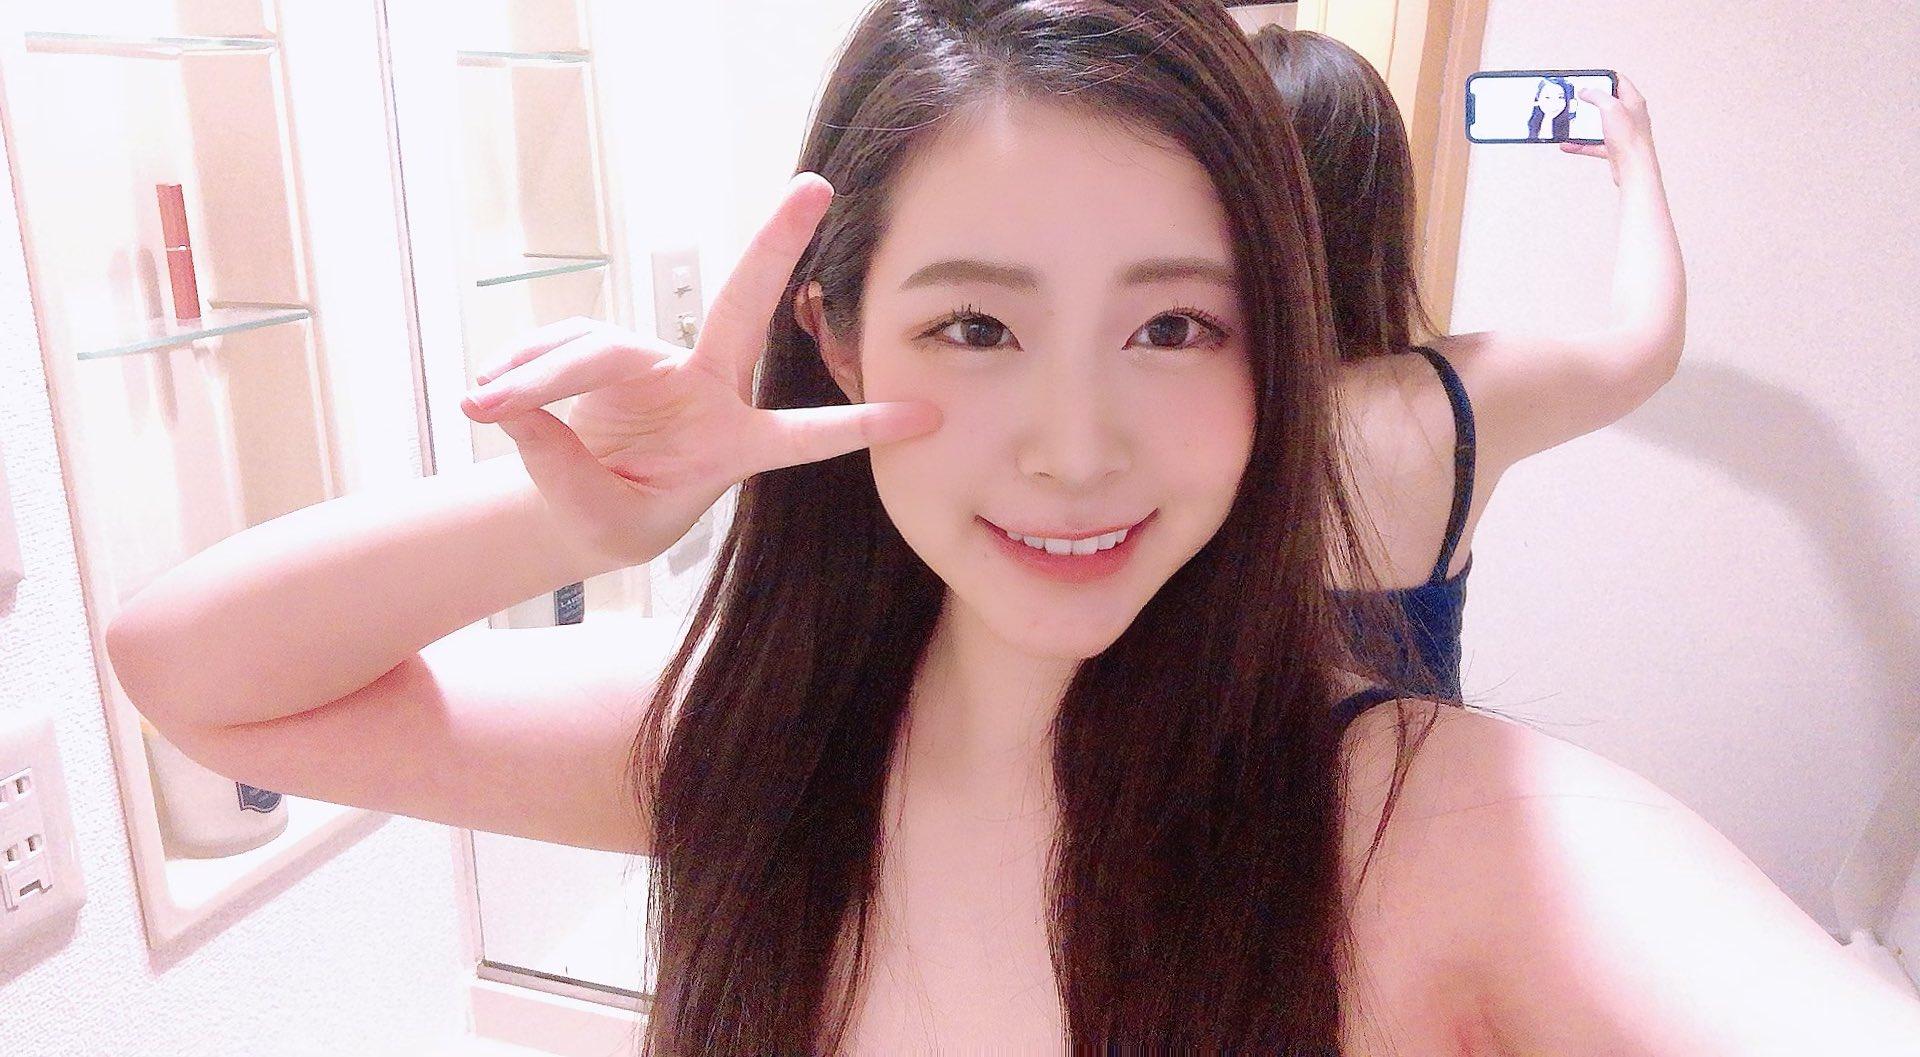 【沙月恵奈エロ画像】人懐っこくてとてもエッチなムチムチJD・沙月恵奈!